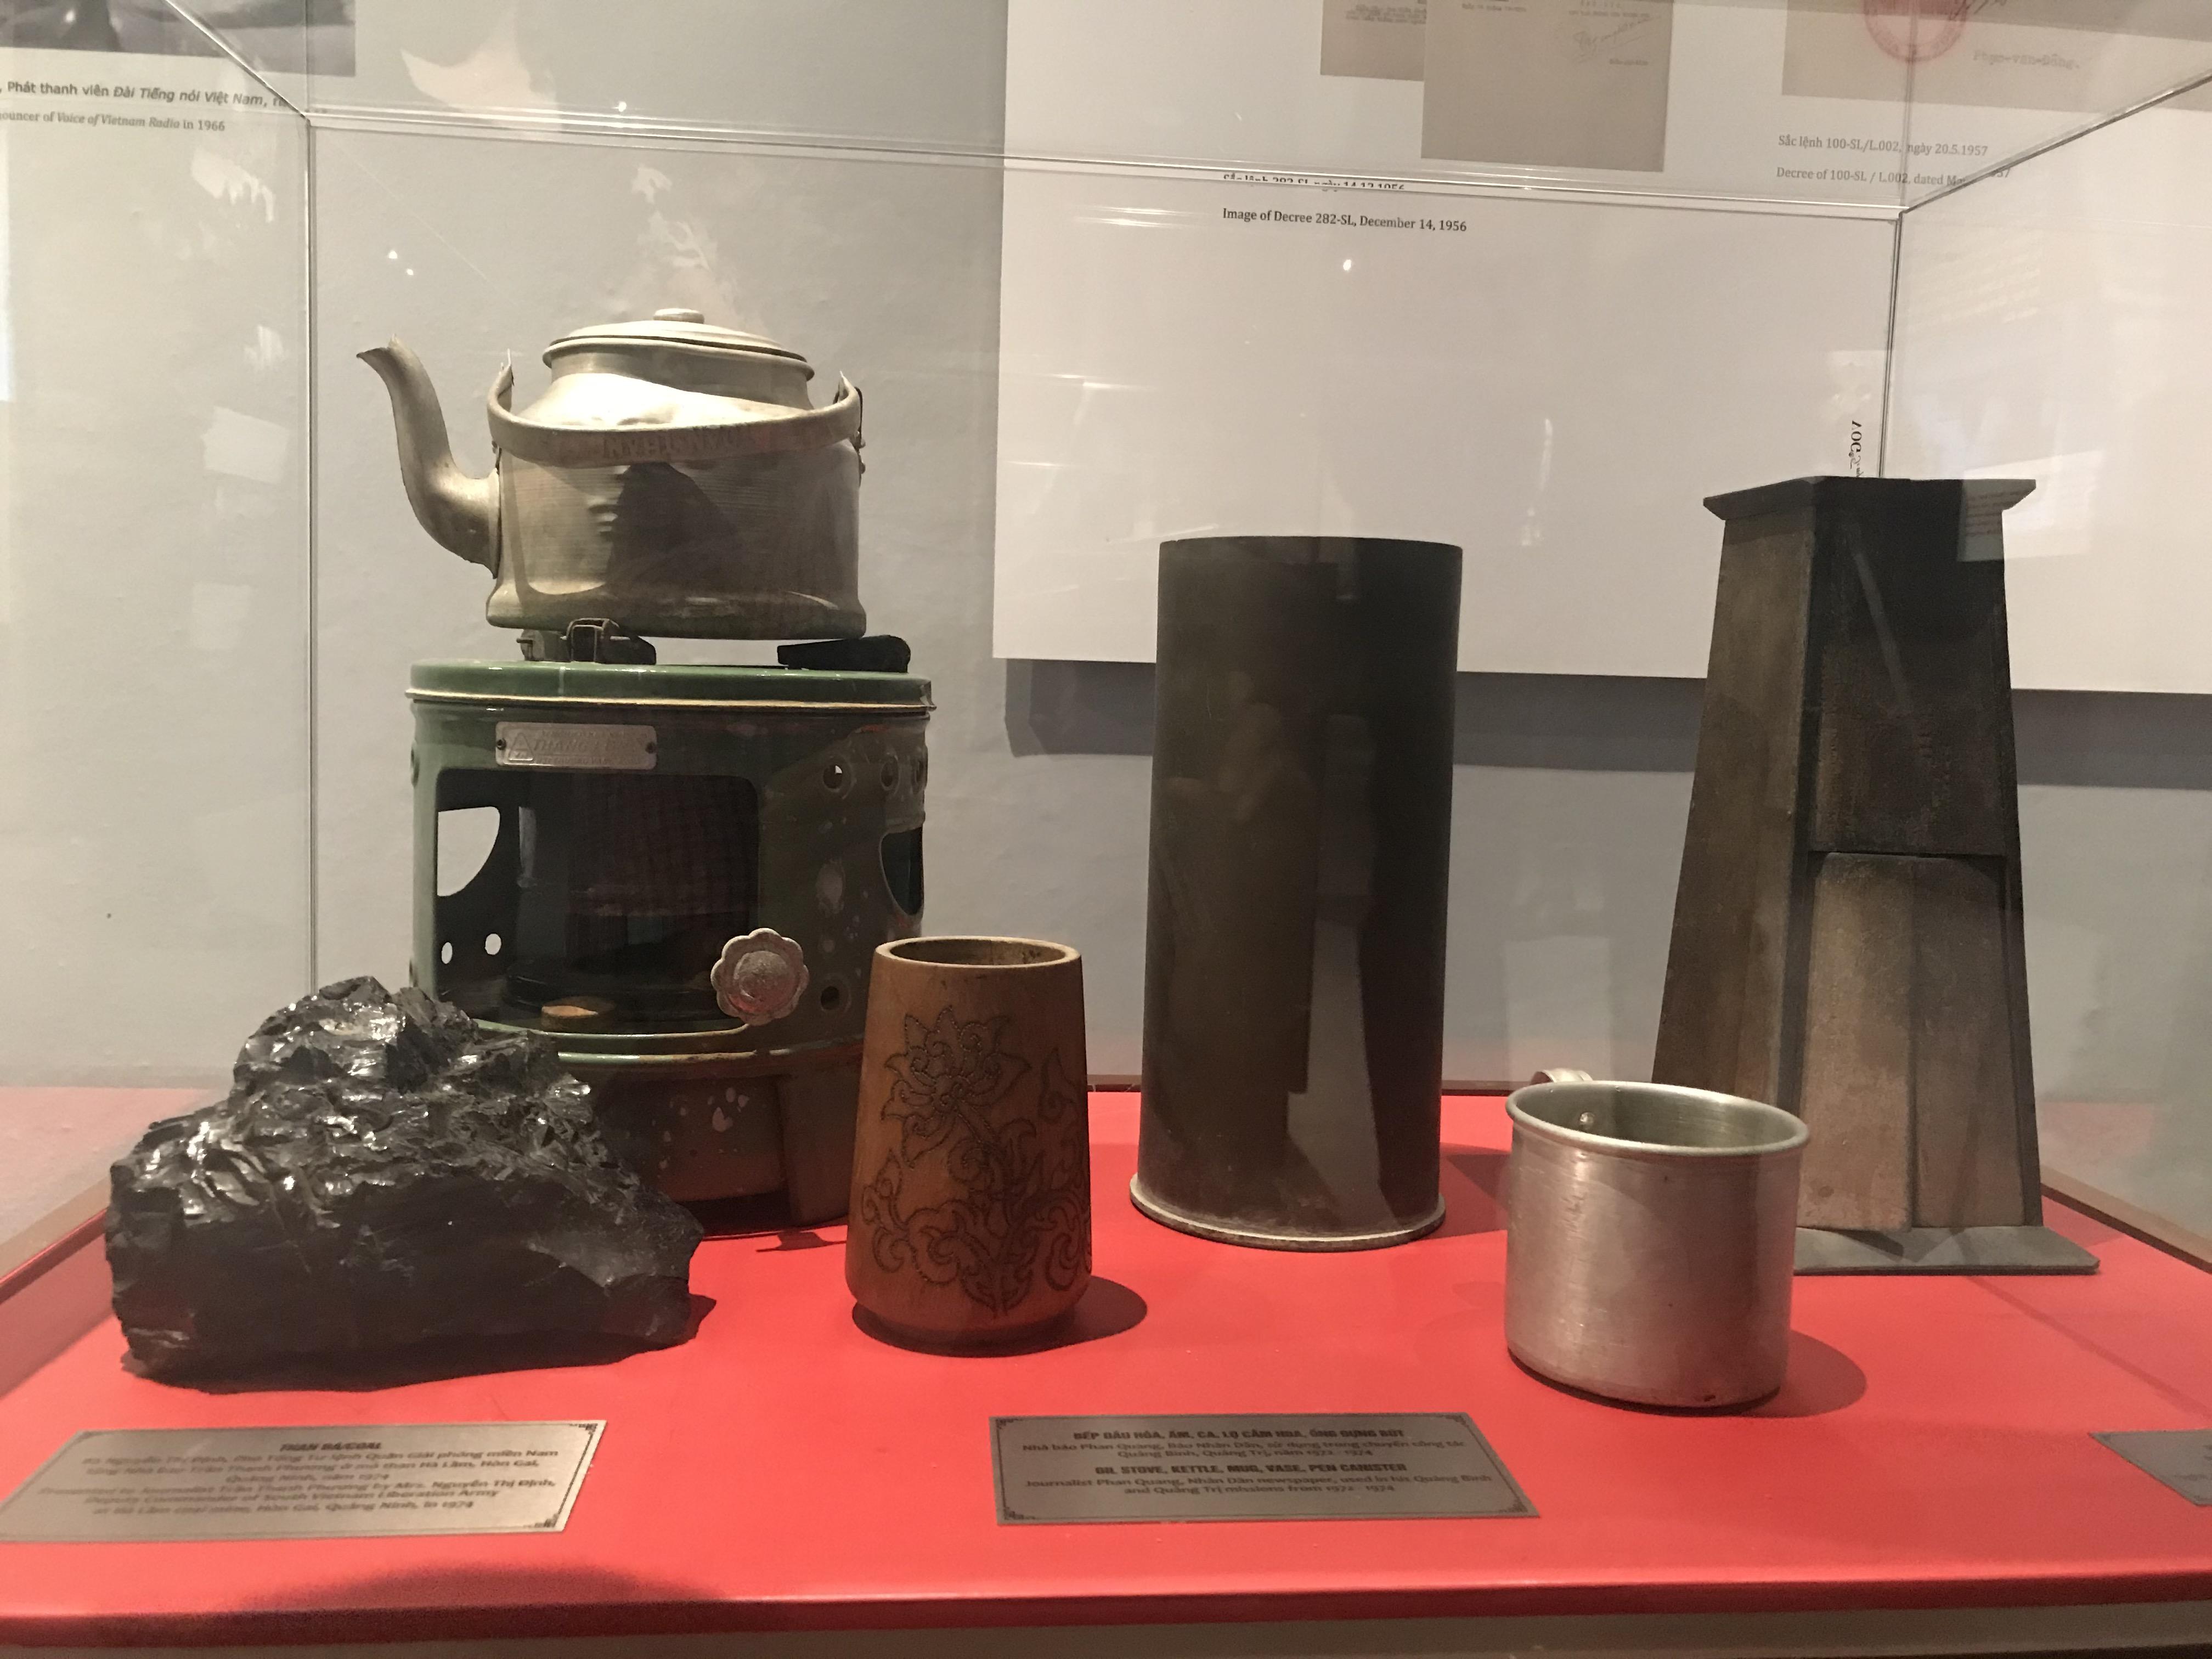 Một số hiện vật gắn bó với các nhà báo lão thành trưng bày tại Bảo tàng. Ảnh: Nguyễn Thanh Bình.